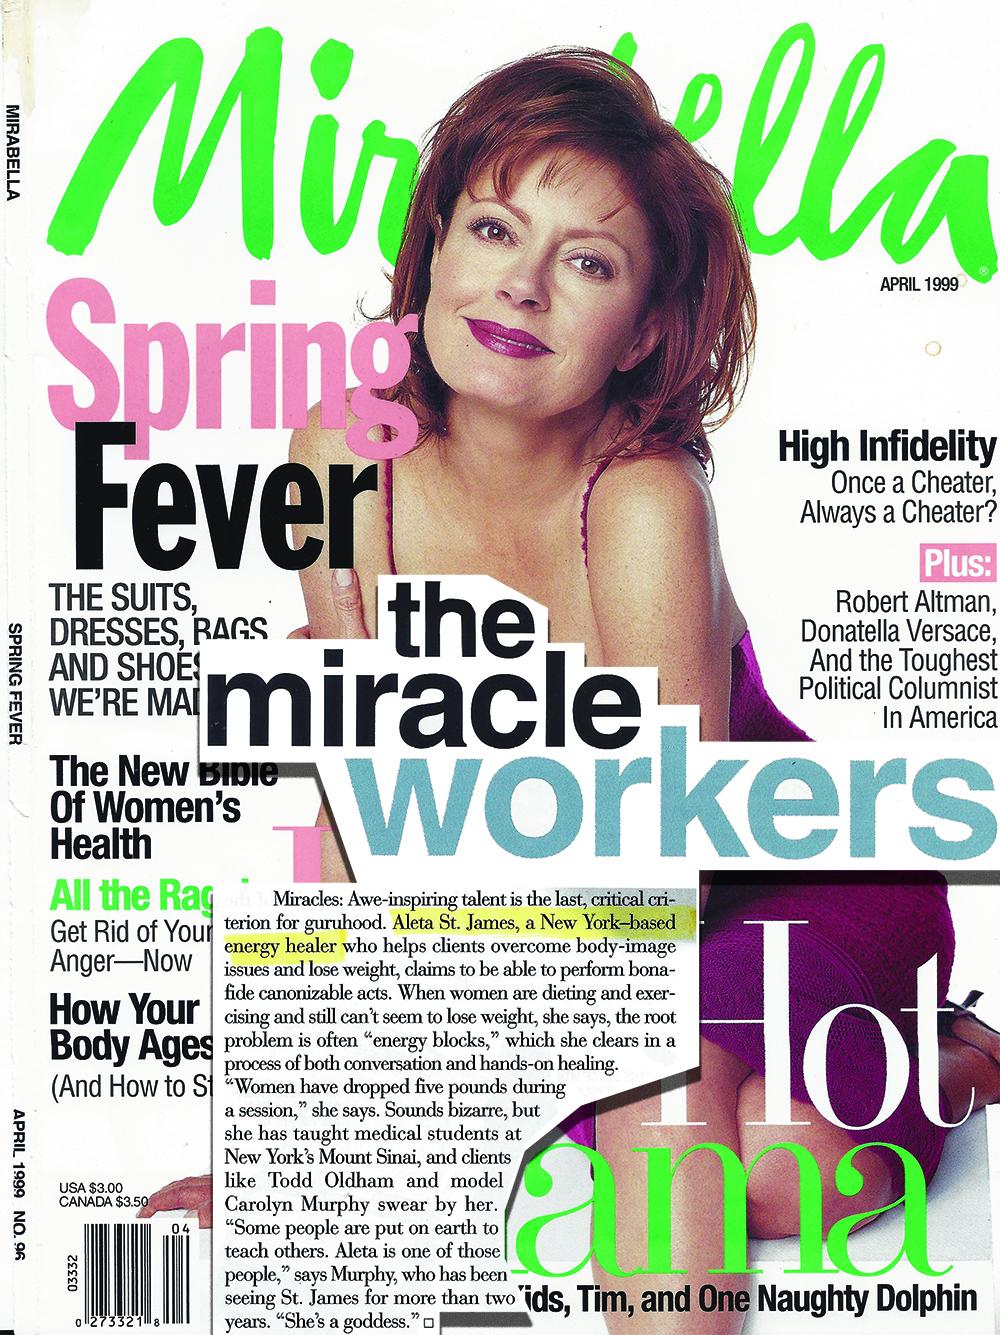 101 miracle workers-1.jpg